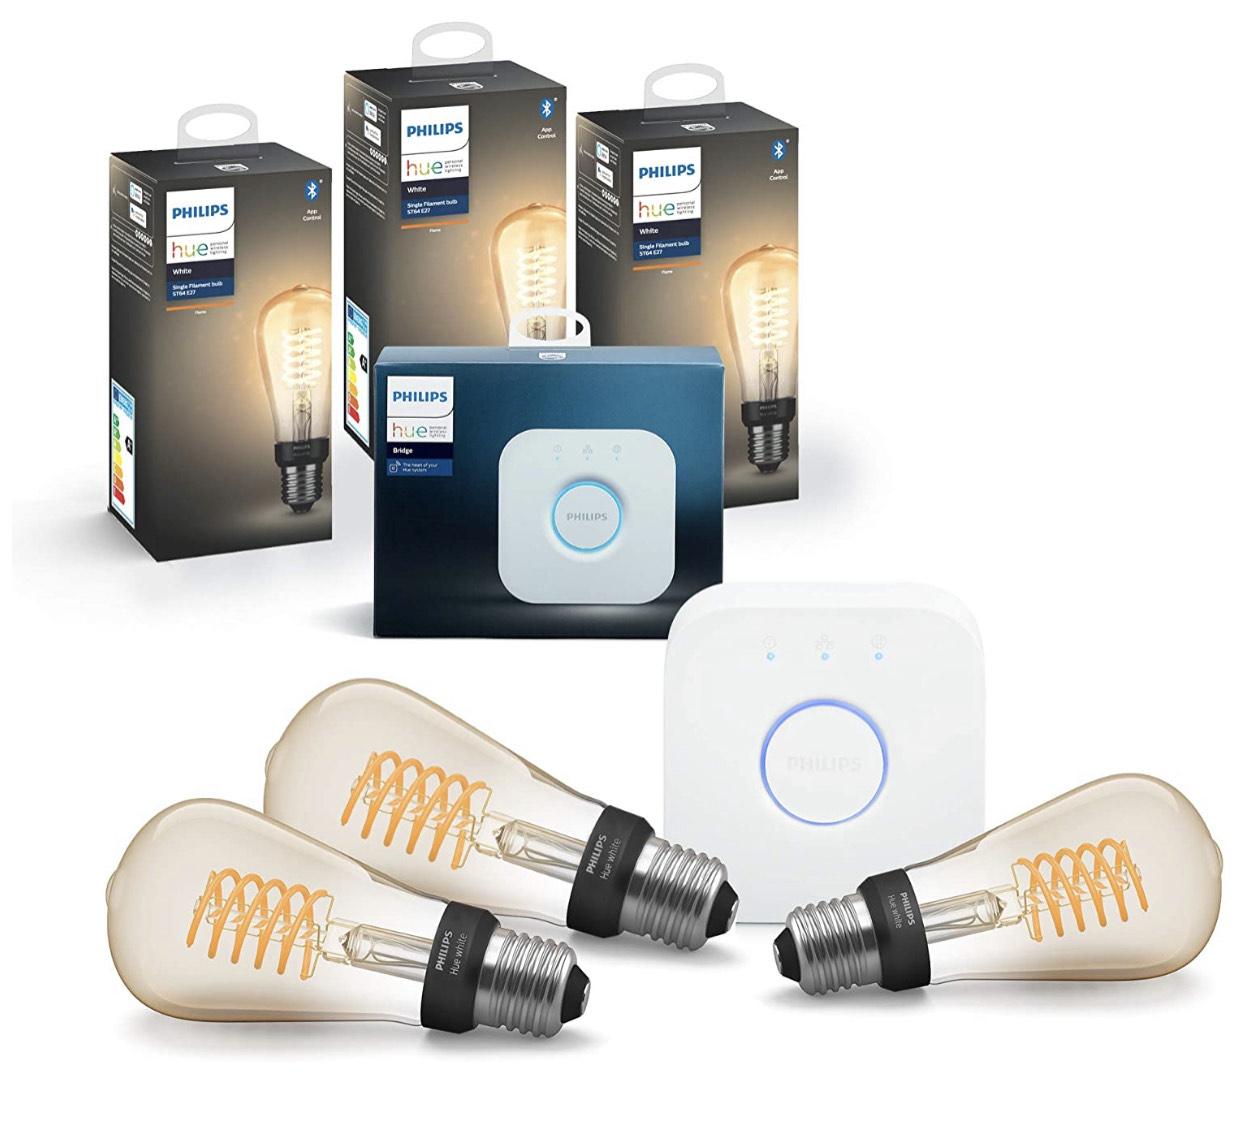 [Amazon] Philips Hue White Filament E27 Starter Set 3er Pack inkl. Bridge